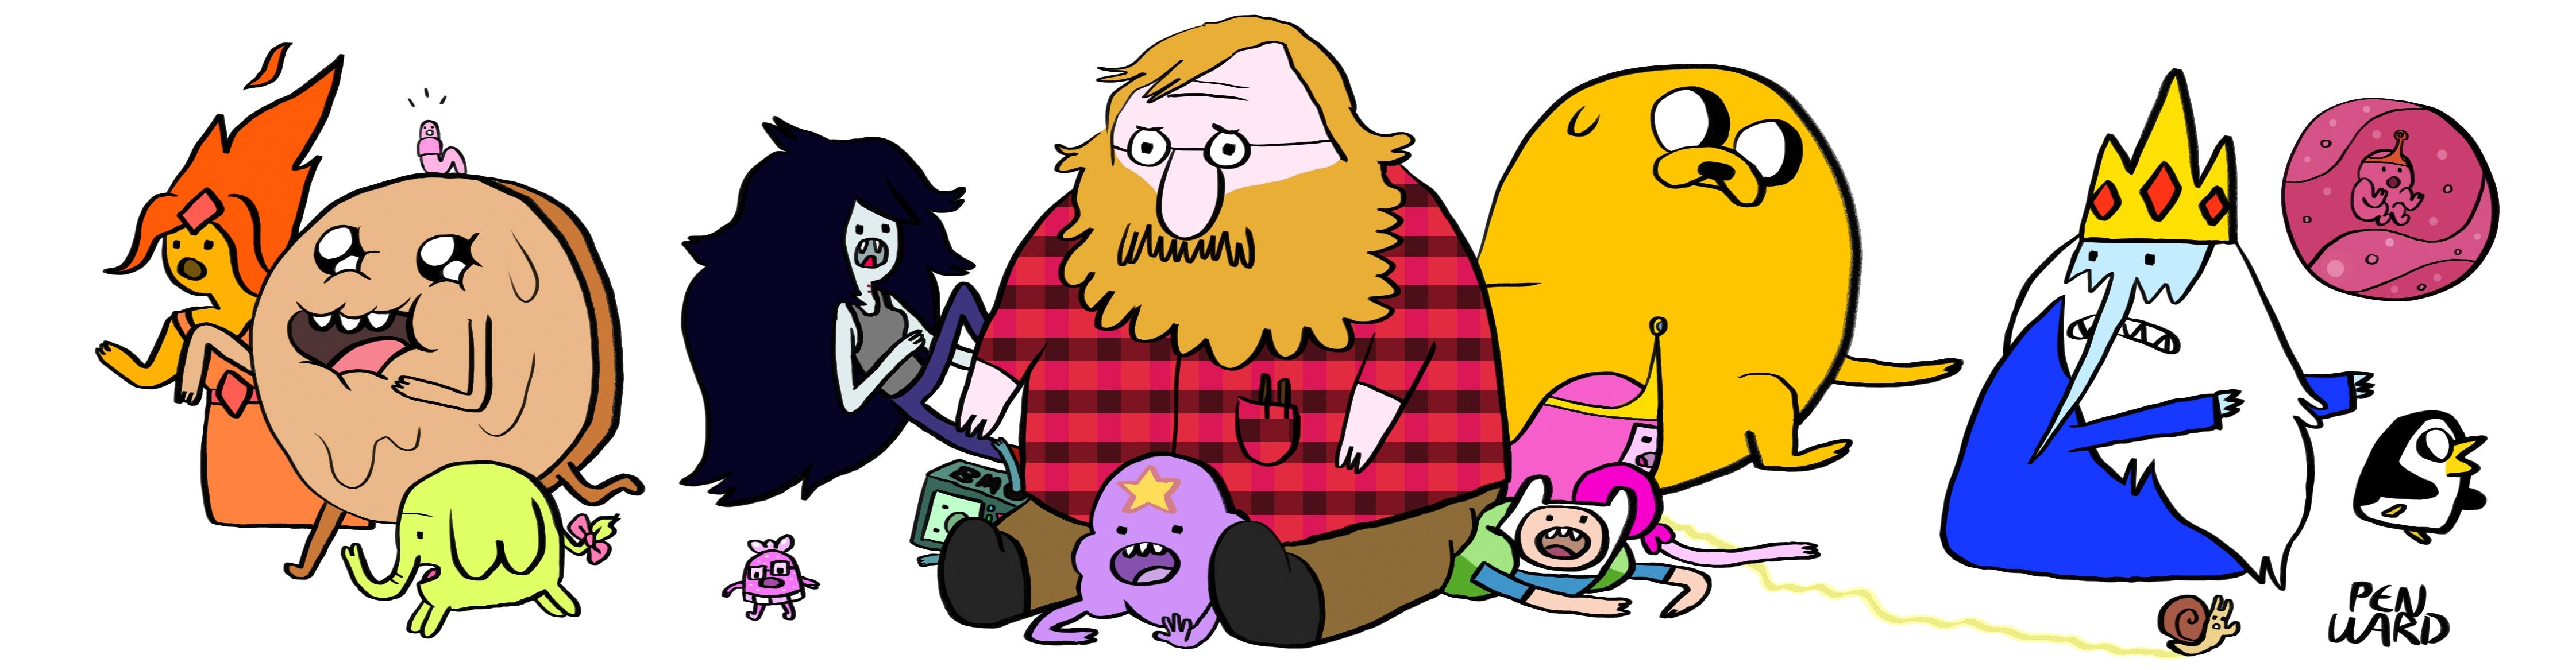 Adventure Time sito di incontri Reno NV incontri